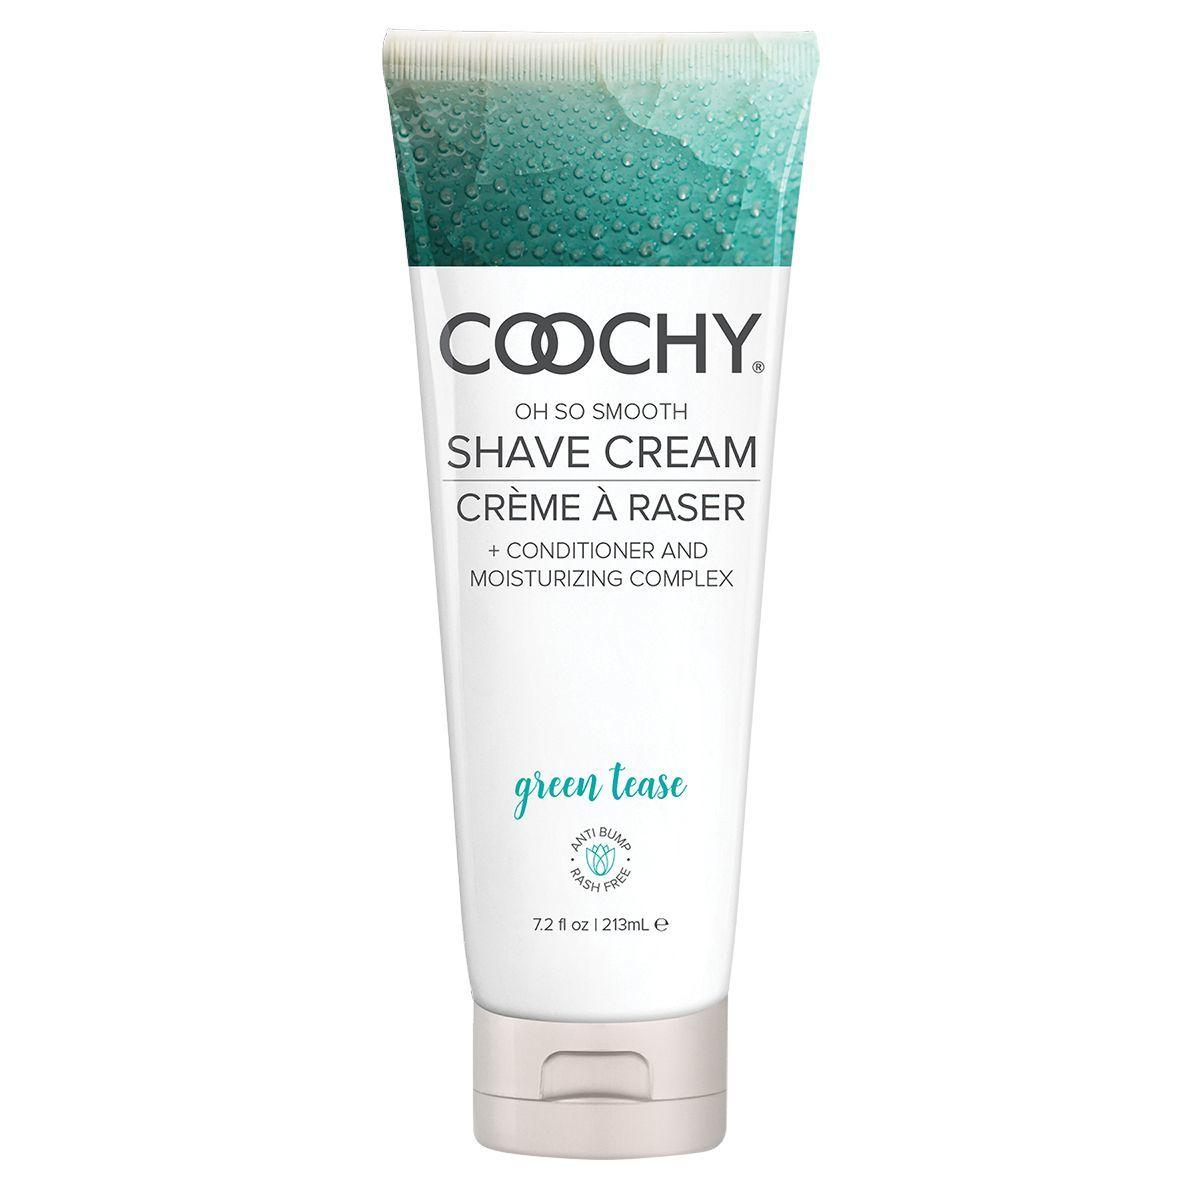 Средства по уходу за телом, косметика: Увлажняющий комплекс COOCHY Green Tease - 213 мл.